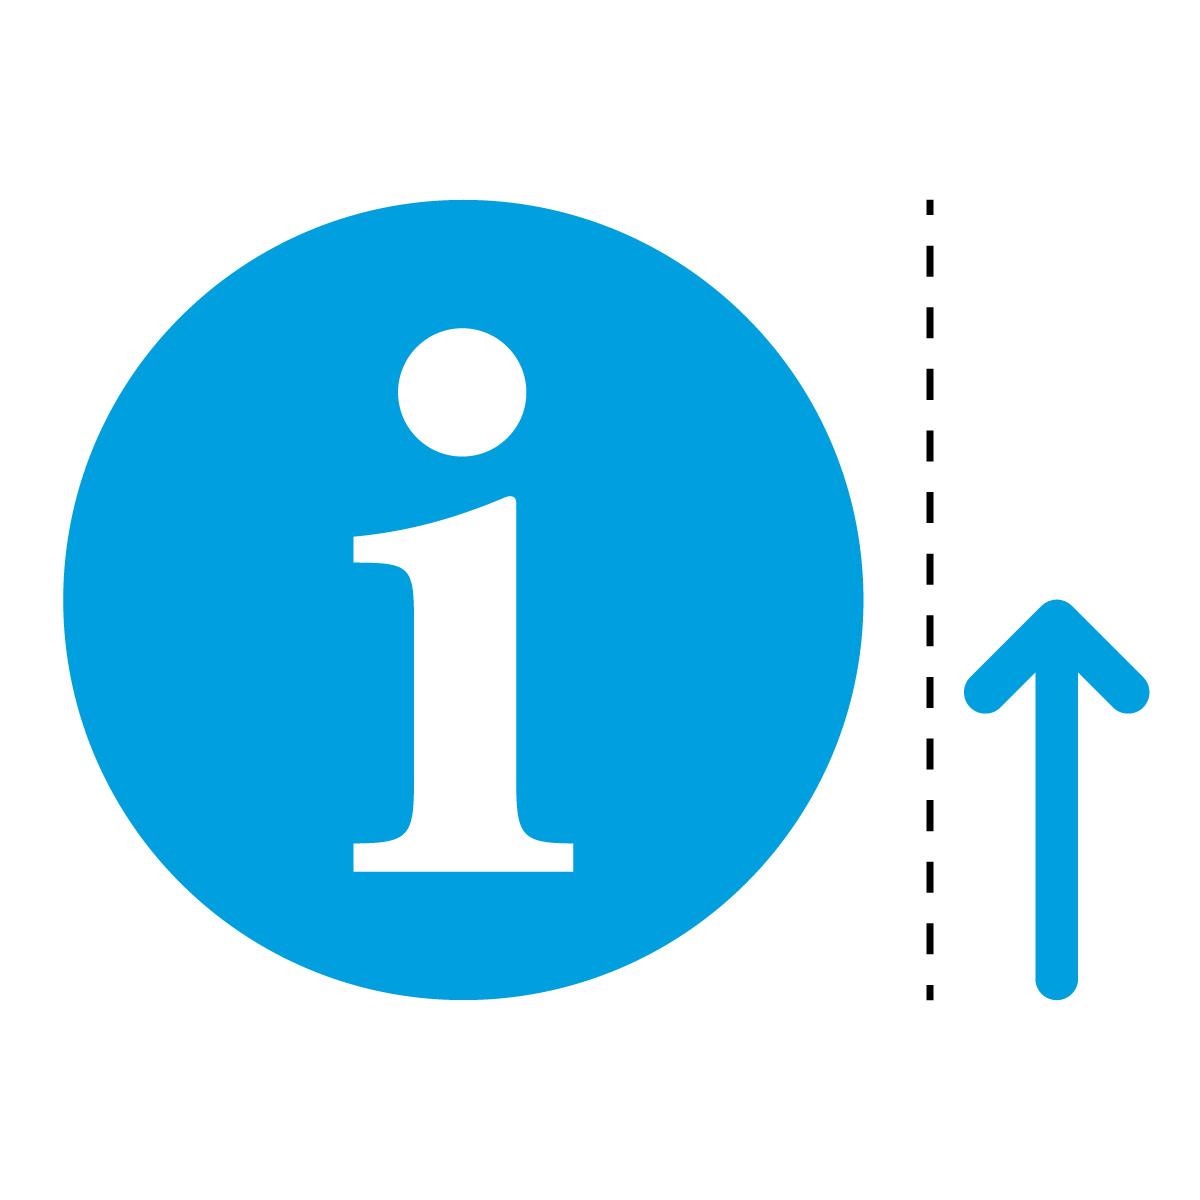 青色のインフォメーション・受付・案内所マーク(矢印付き)のカッティング ステッカー・シール 光沢タイプ・防水・耐水・屋外耐候3~4年